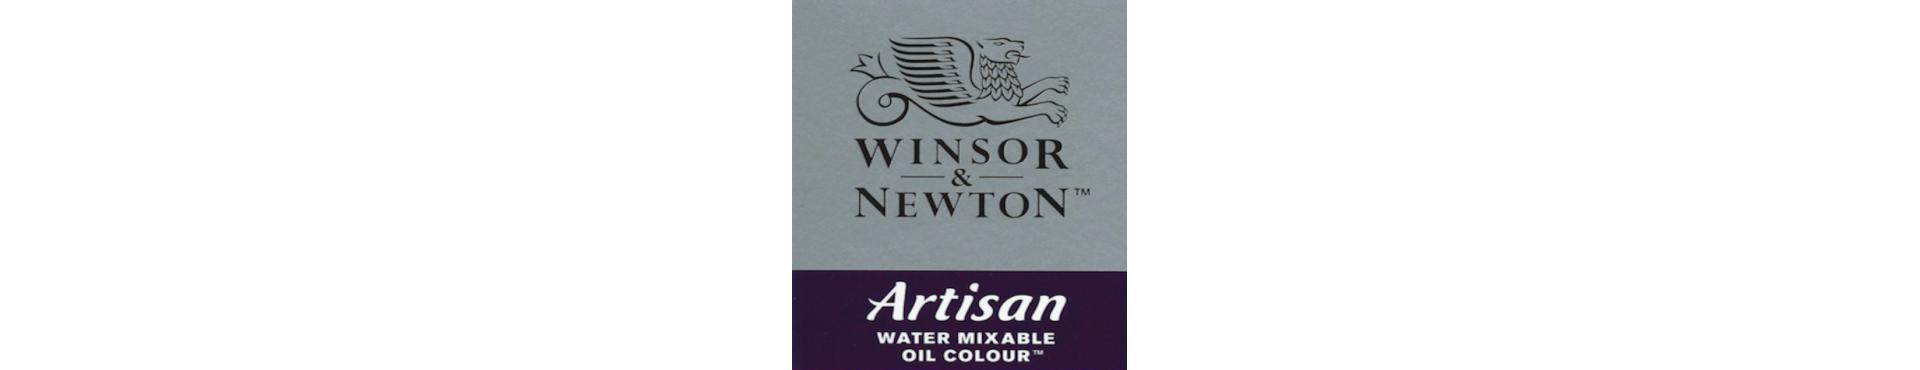 Óleos al agua Artisan Winsor